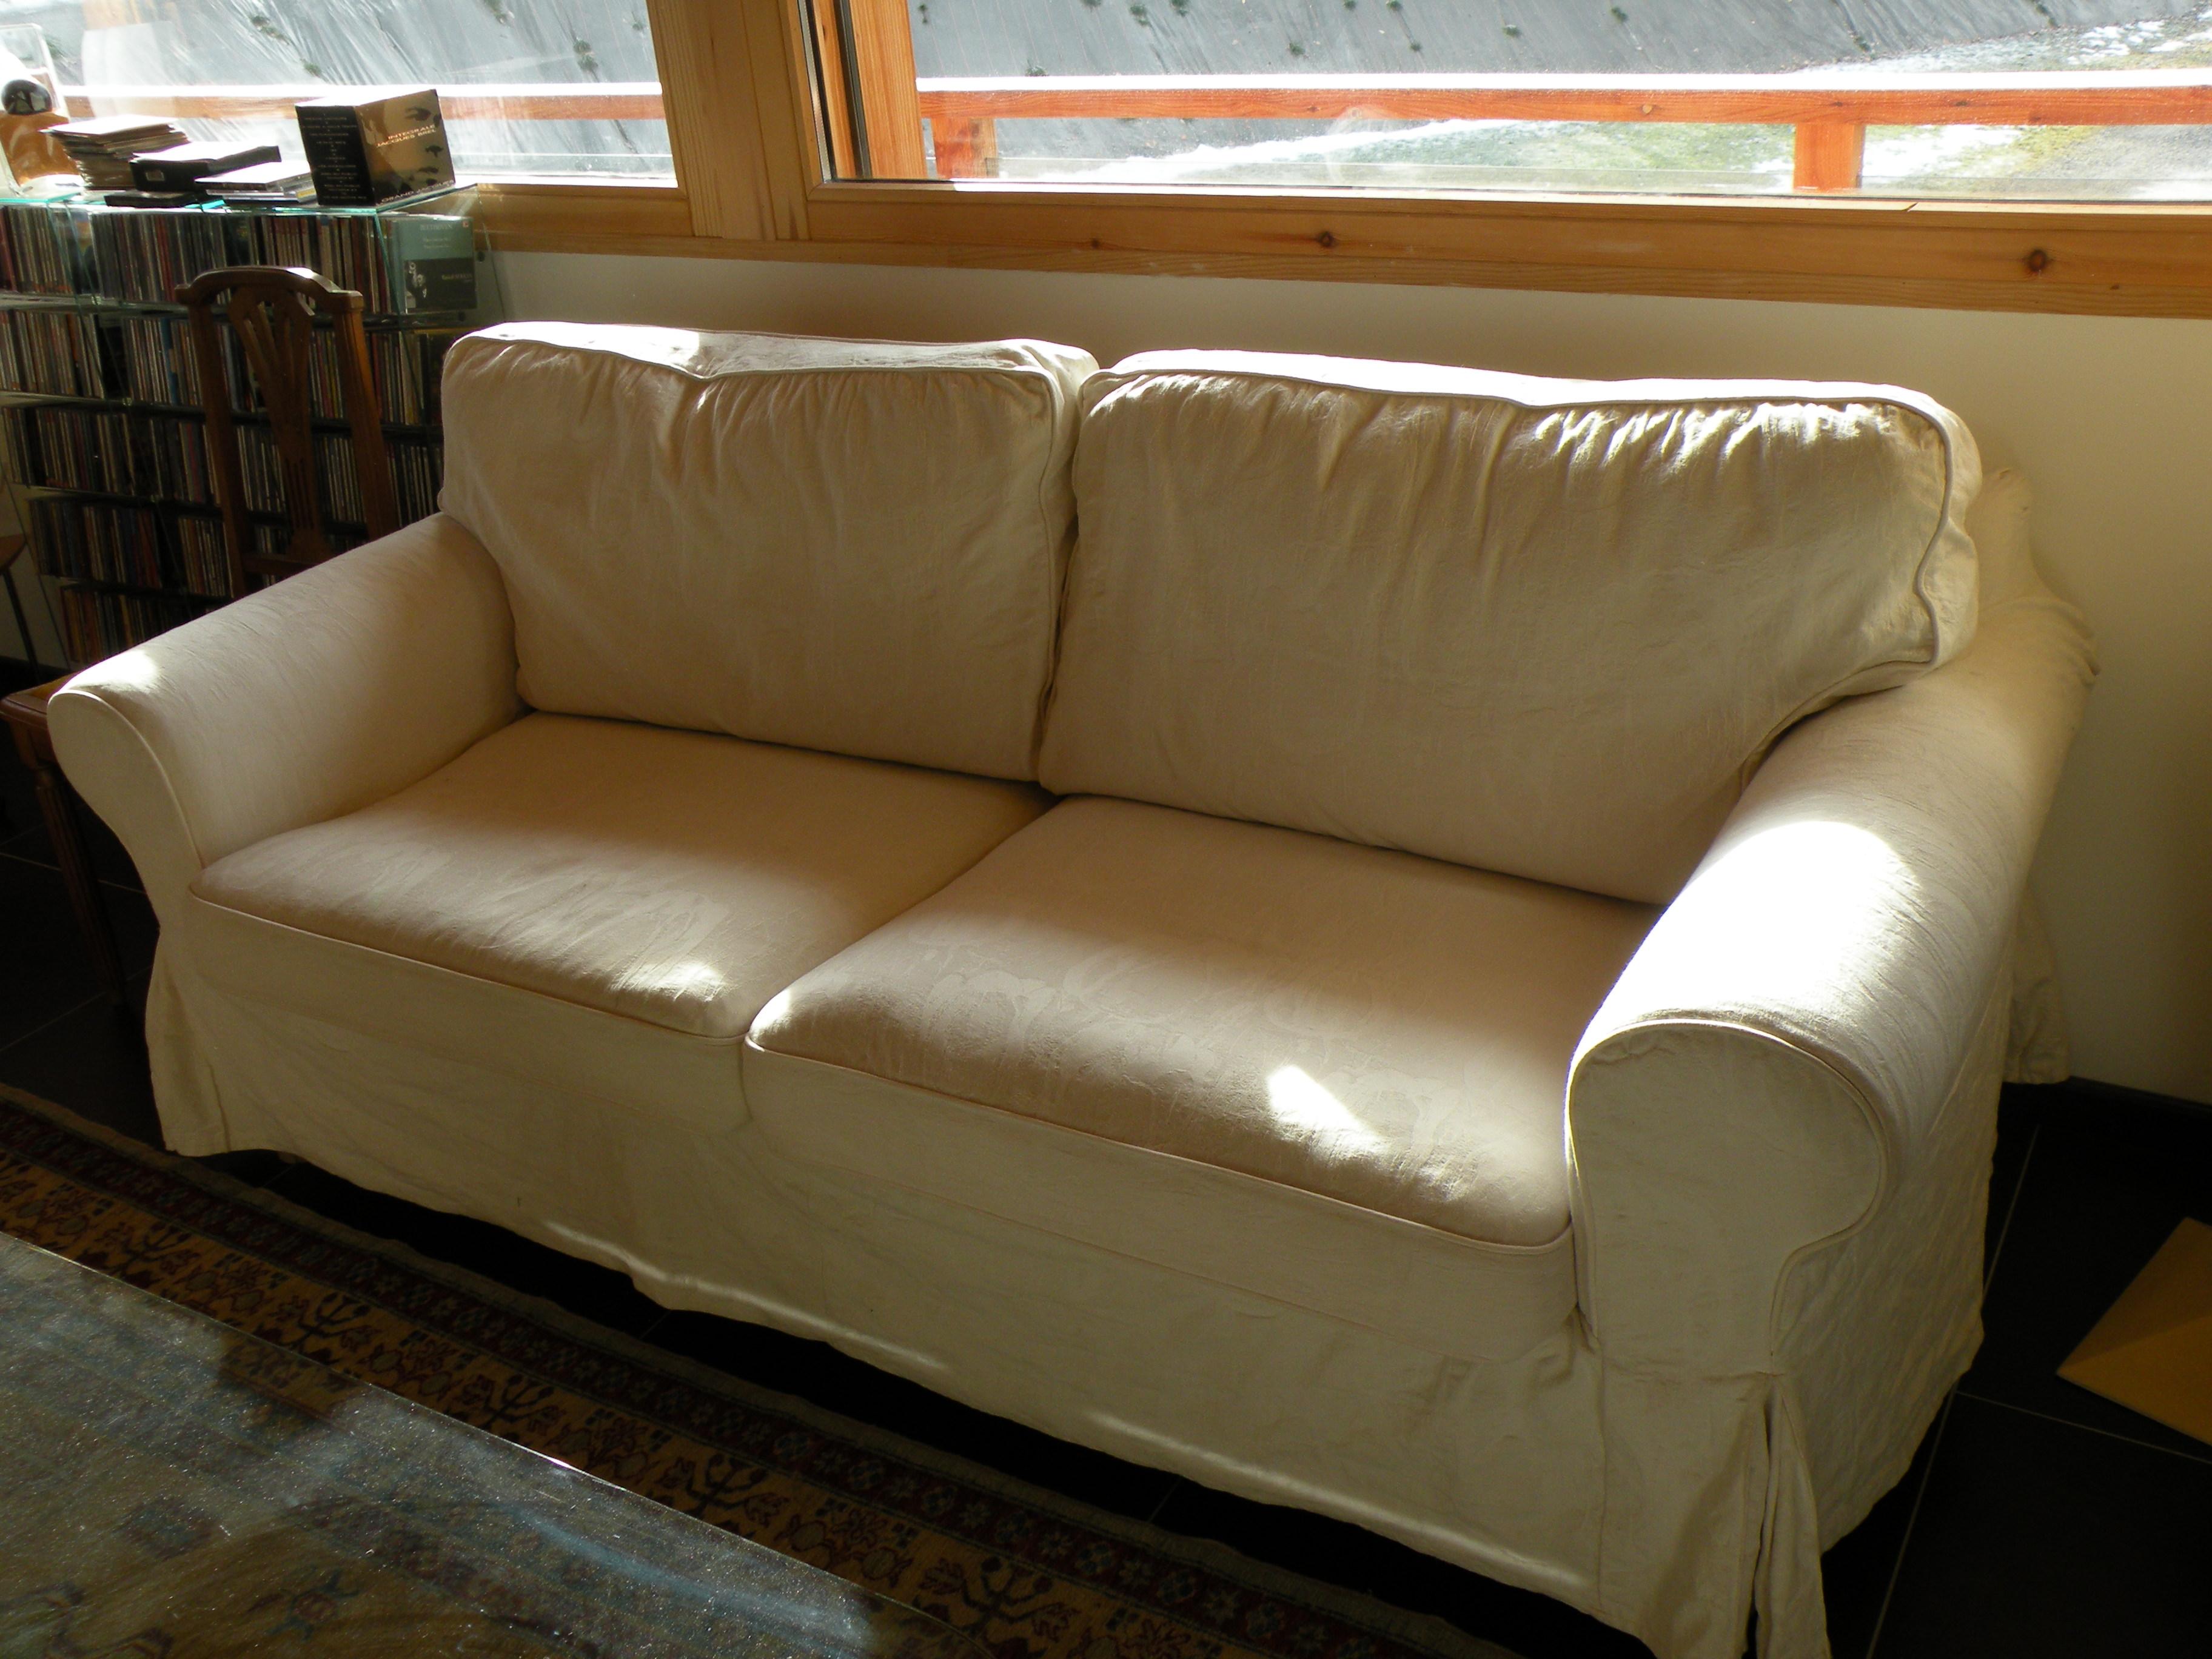 canap entirement dhoussable et lavable finest canape rouge dehoussable with canap entirement. Black Bedroom Furniture Sets. Home Design Ideas